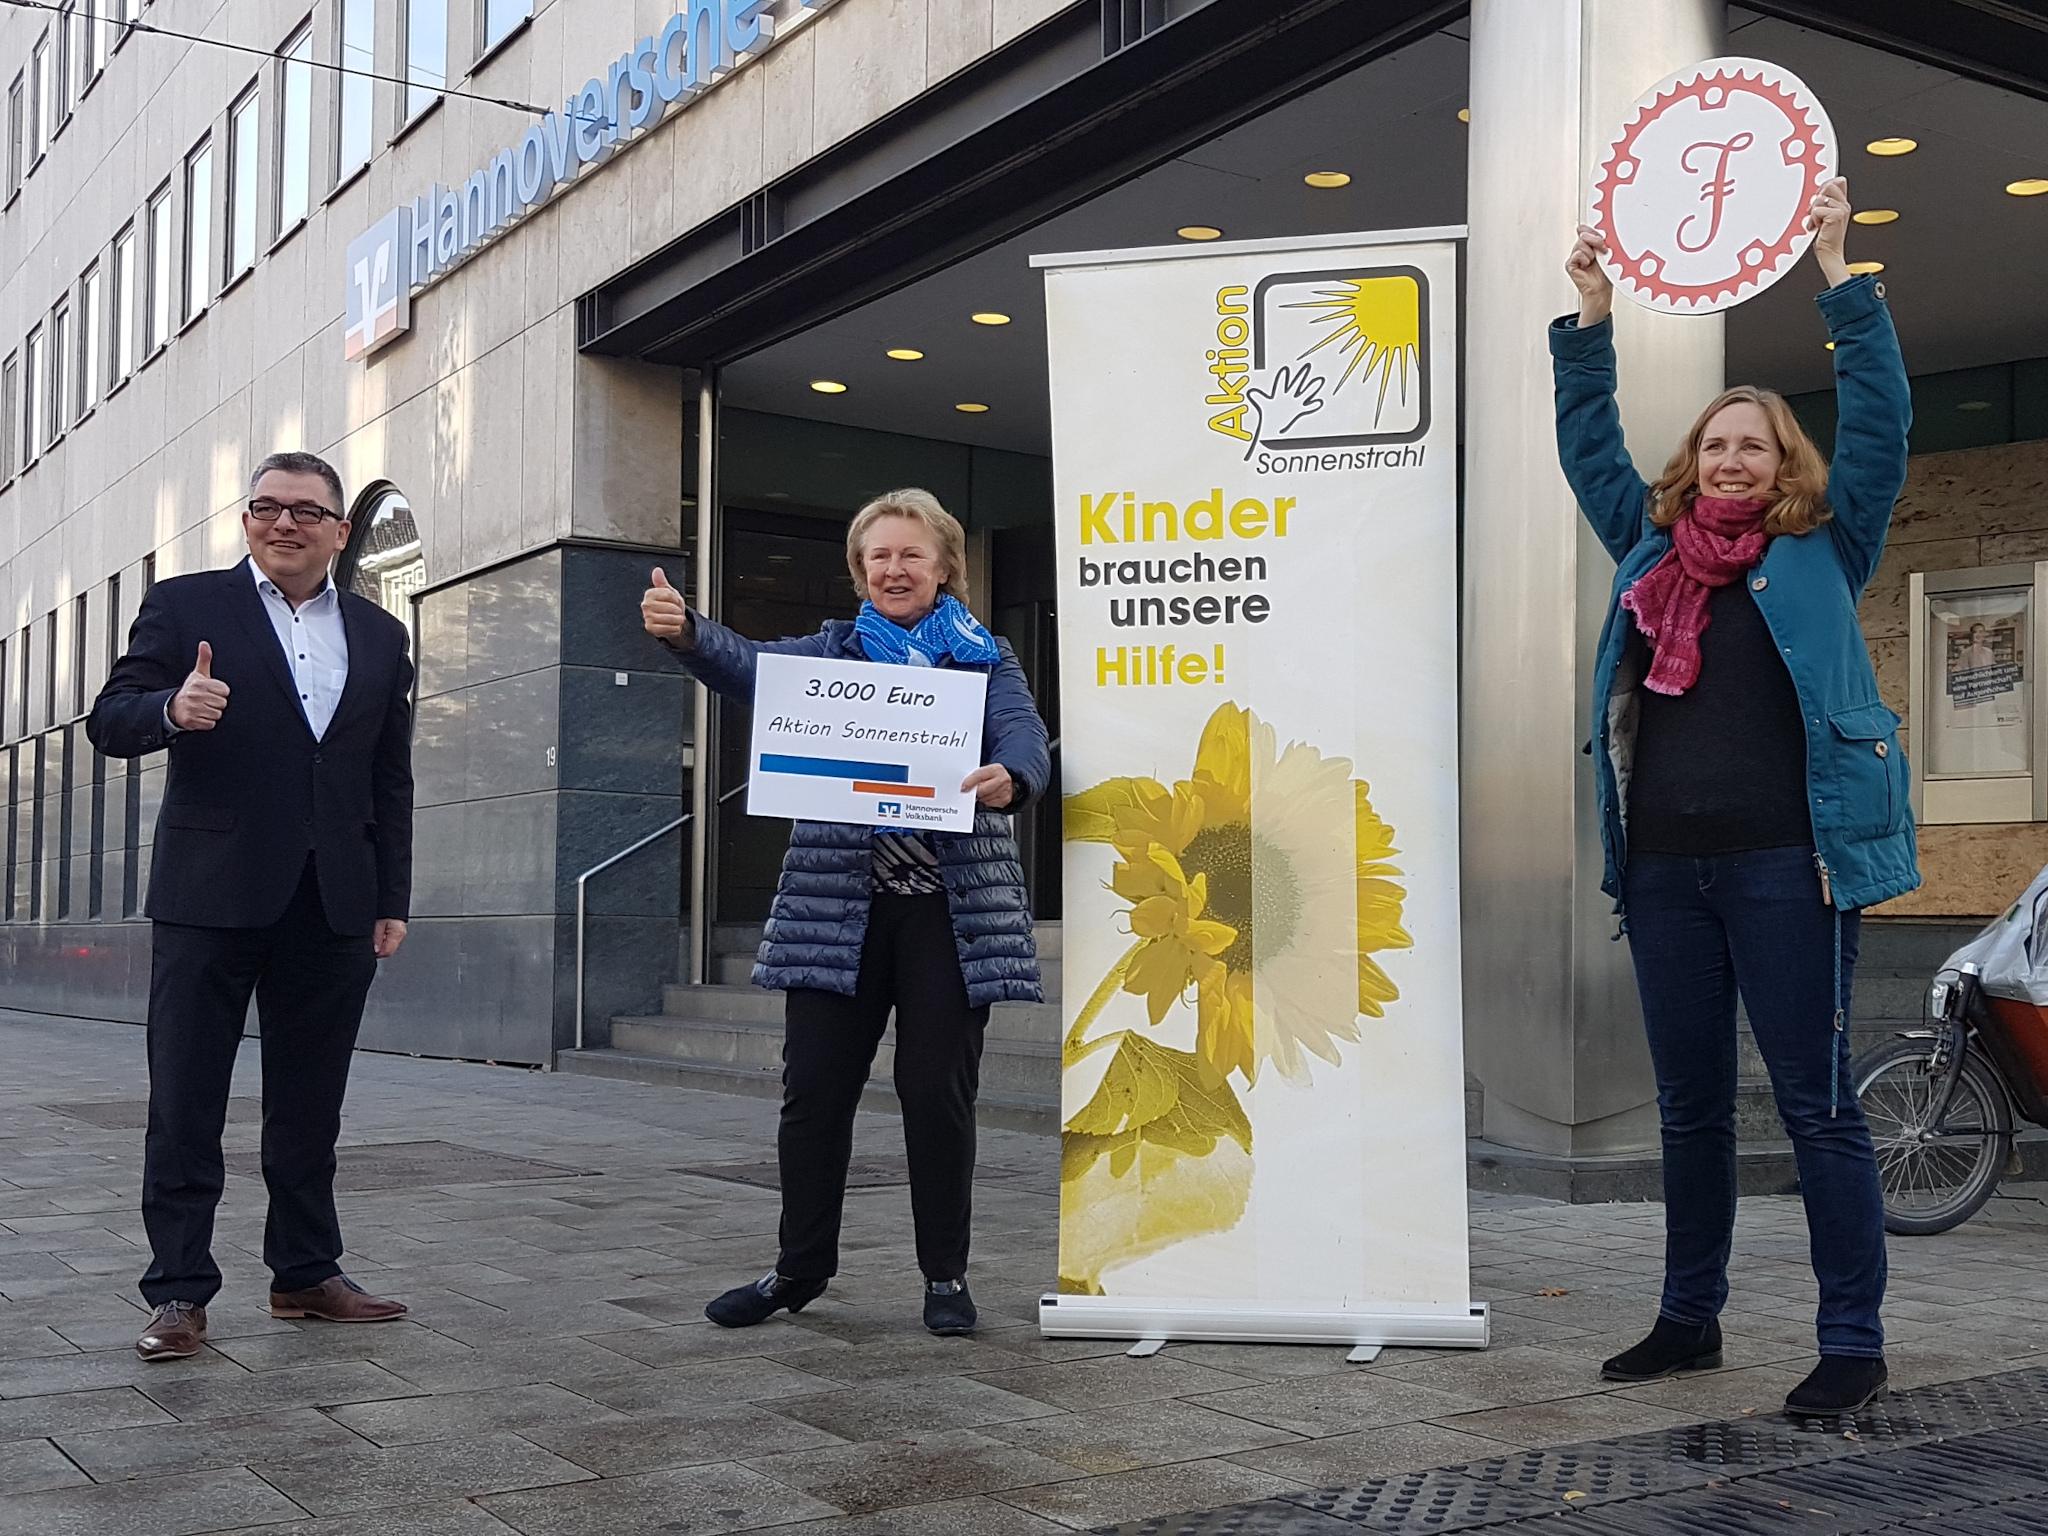 Drei Personen vor einem modernen Gebäude, alle freuen sich, zwei halten den Daumen hoch, eine Person hält ein rundes Schild in die Höhe